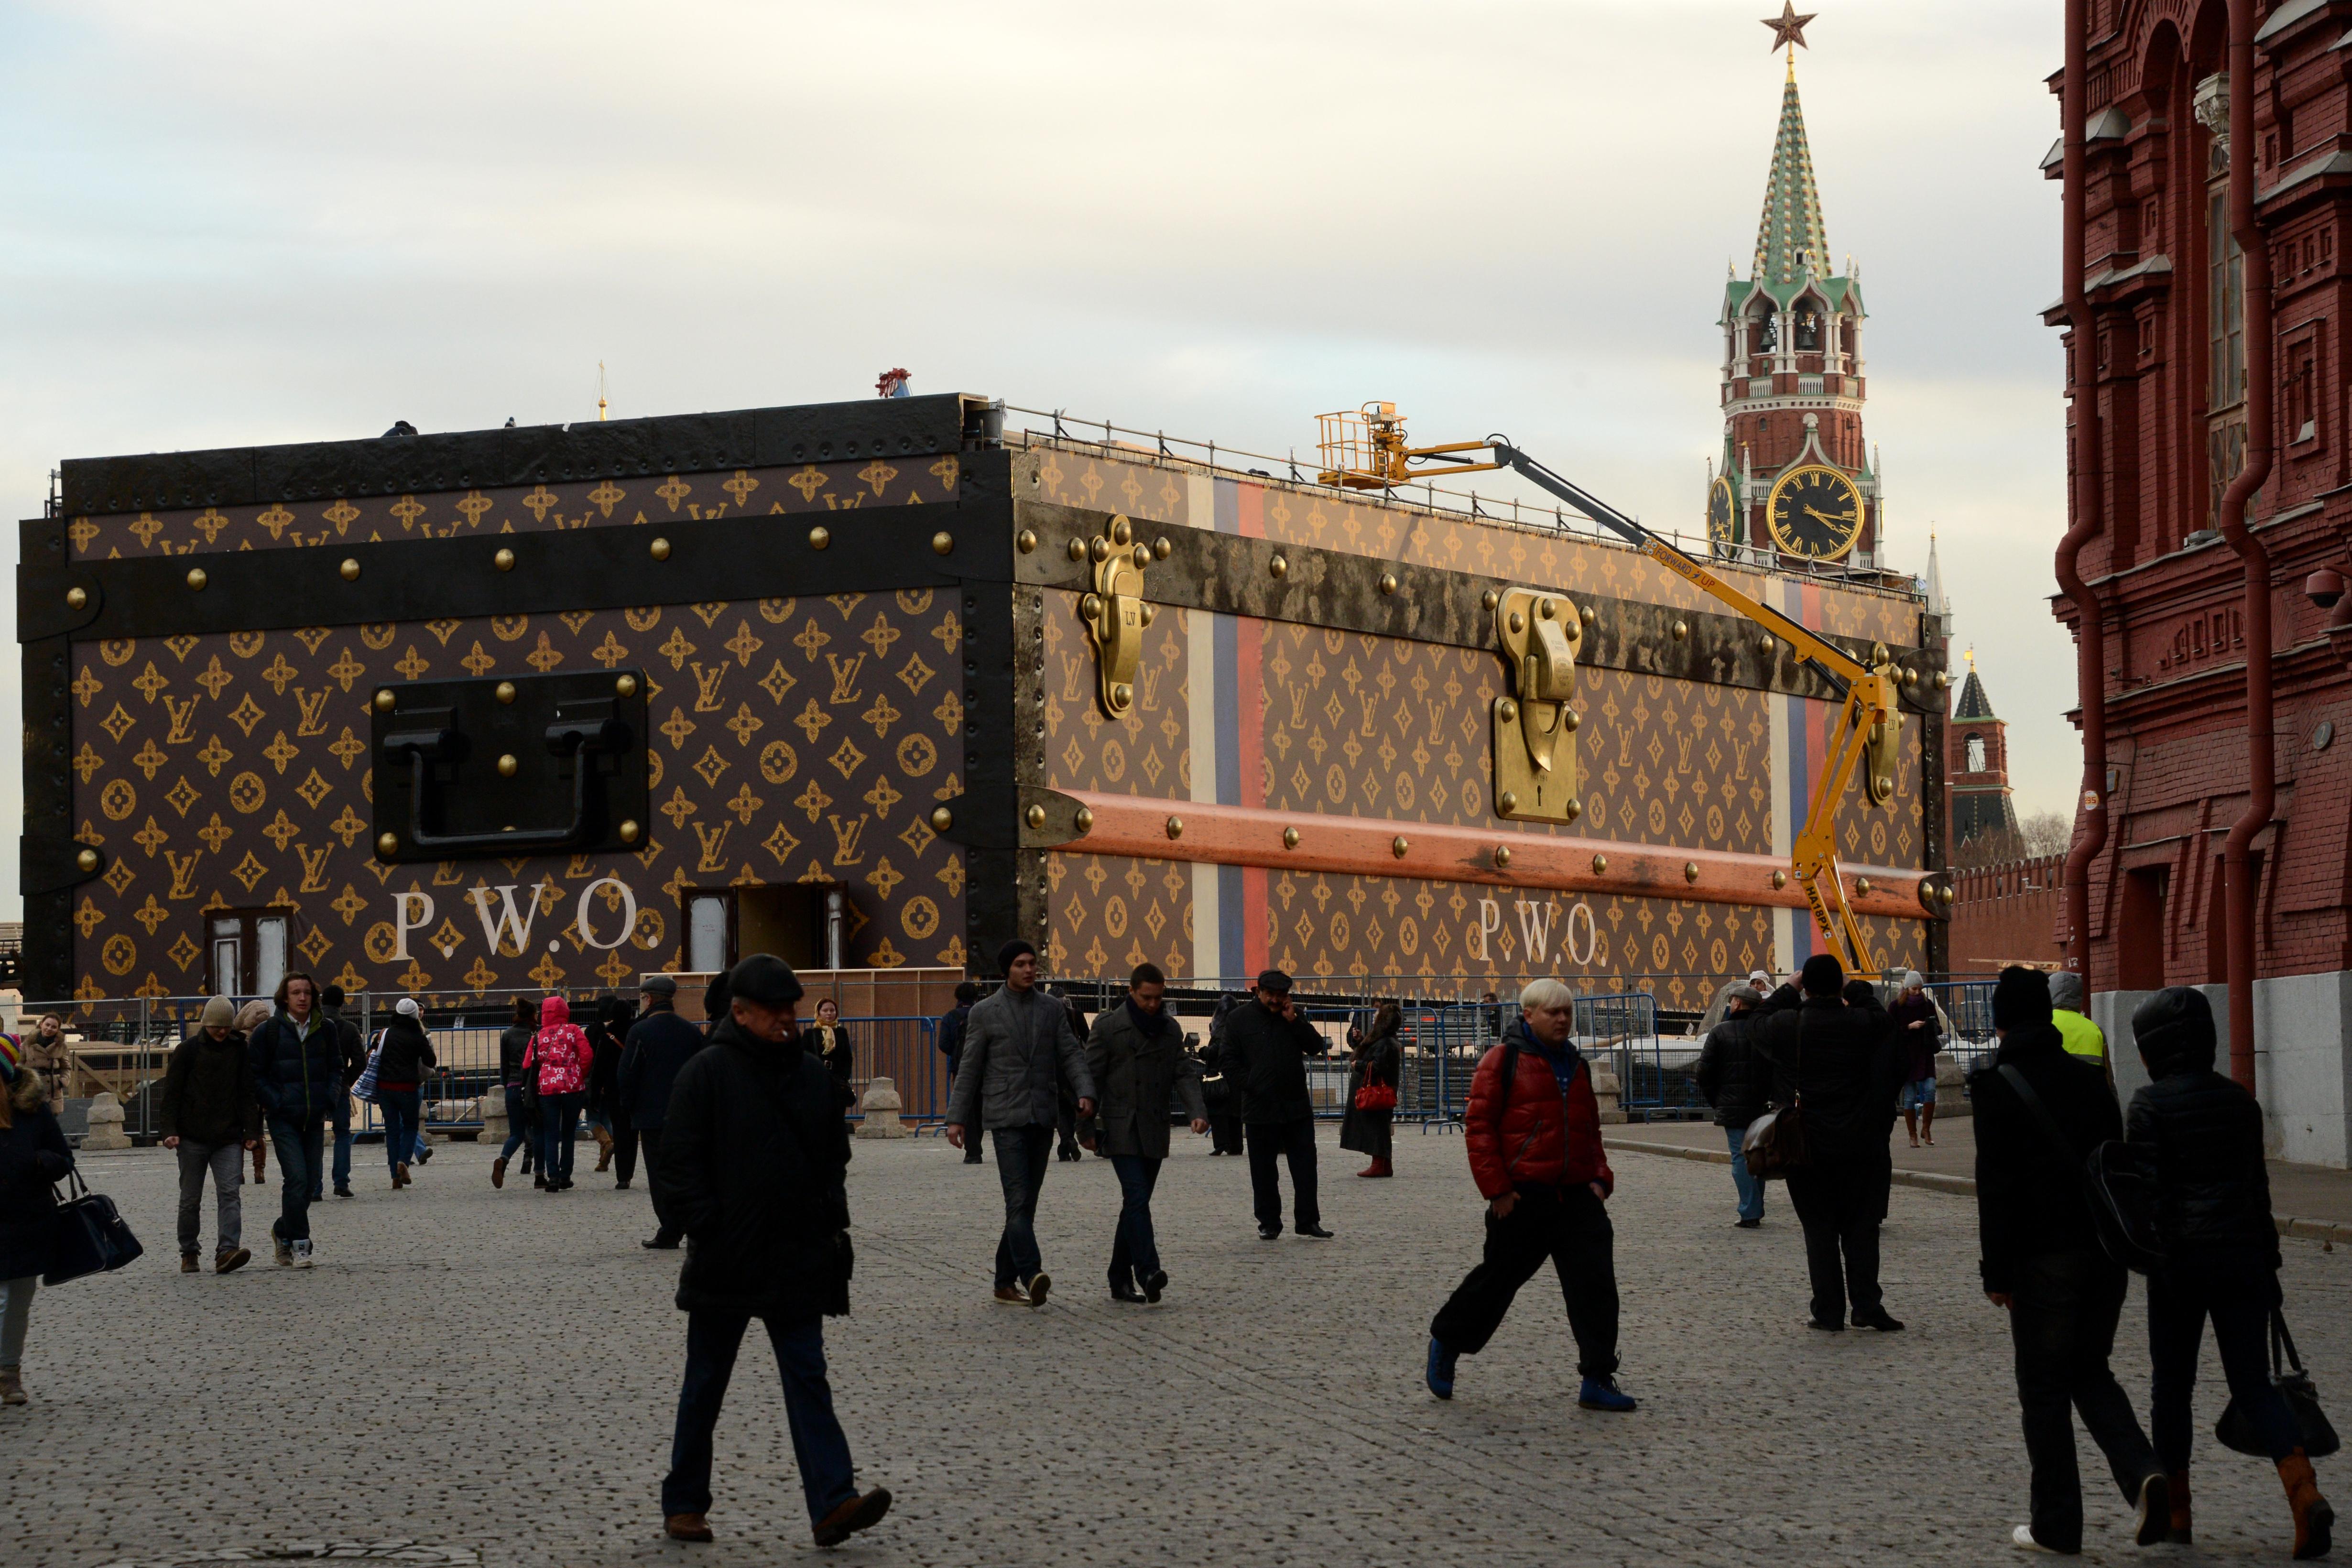 Maxi baule di Louis Vuitton nella Piazza Rossa scatena l'ira dei comunisti (FOTO)